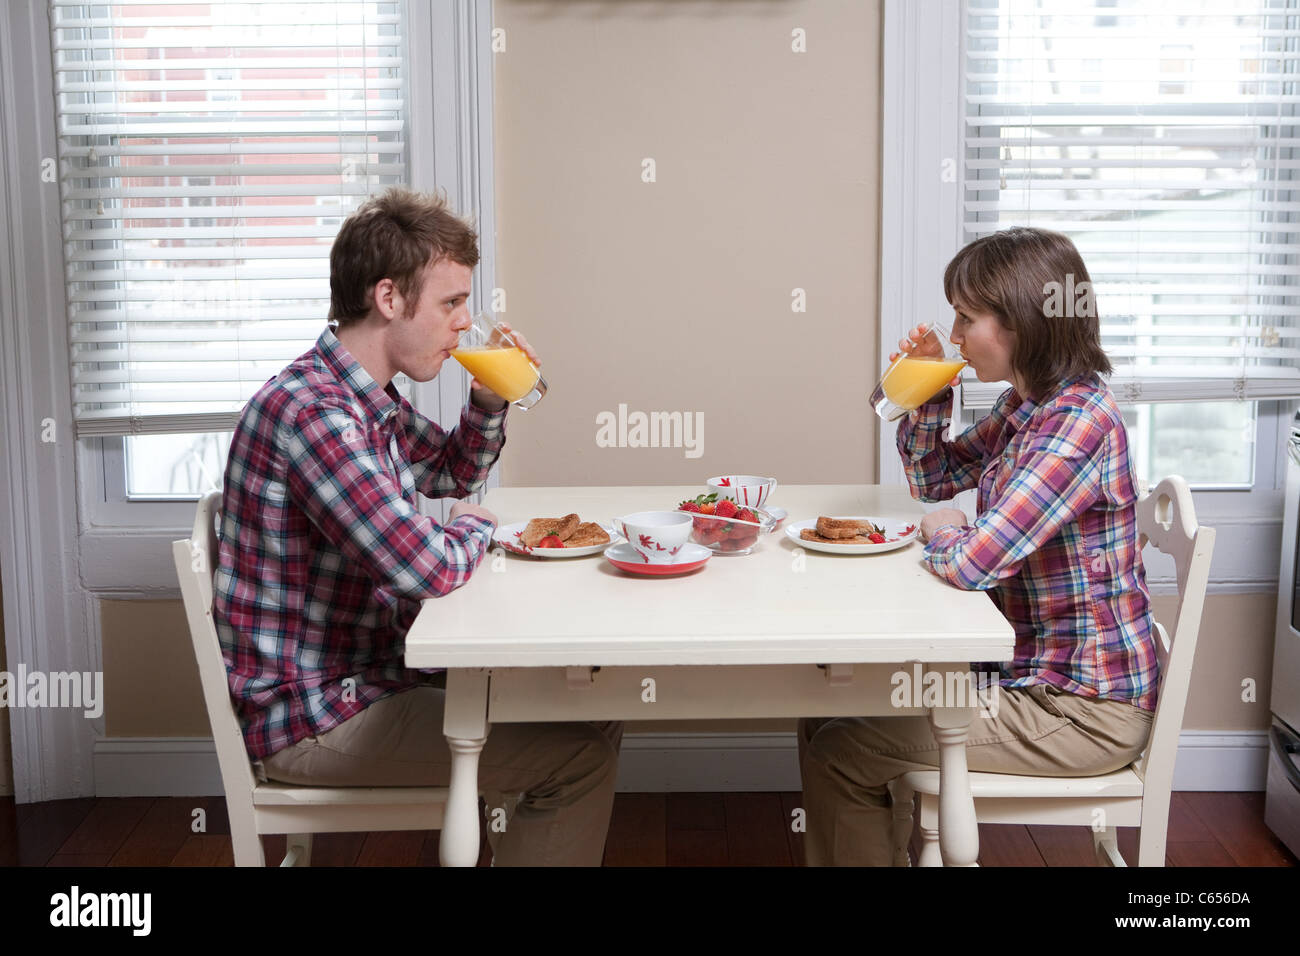 Jeune couple drinking orange juice à table de cuisine Photo Stock